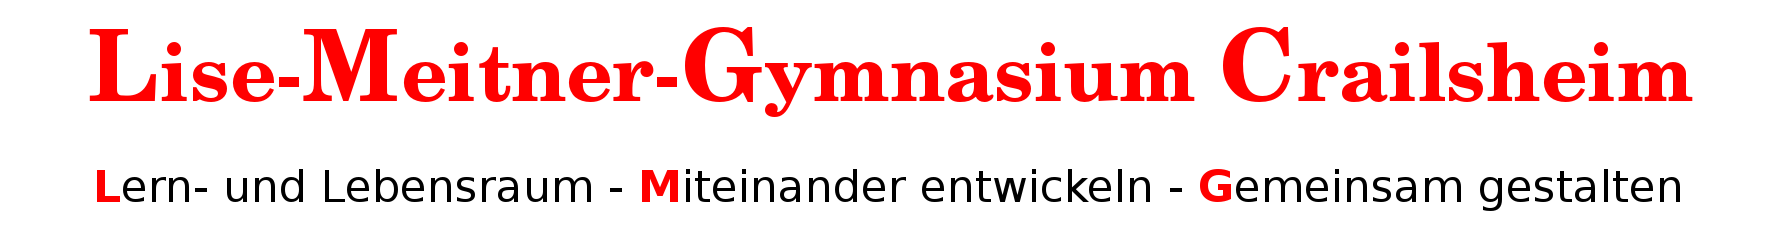 Homepage des Lise-Meitner Gymnasiums Crailsheim